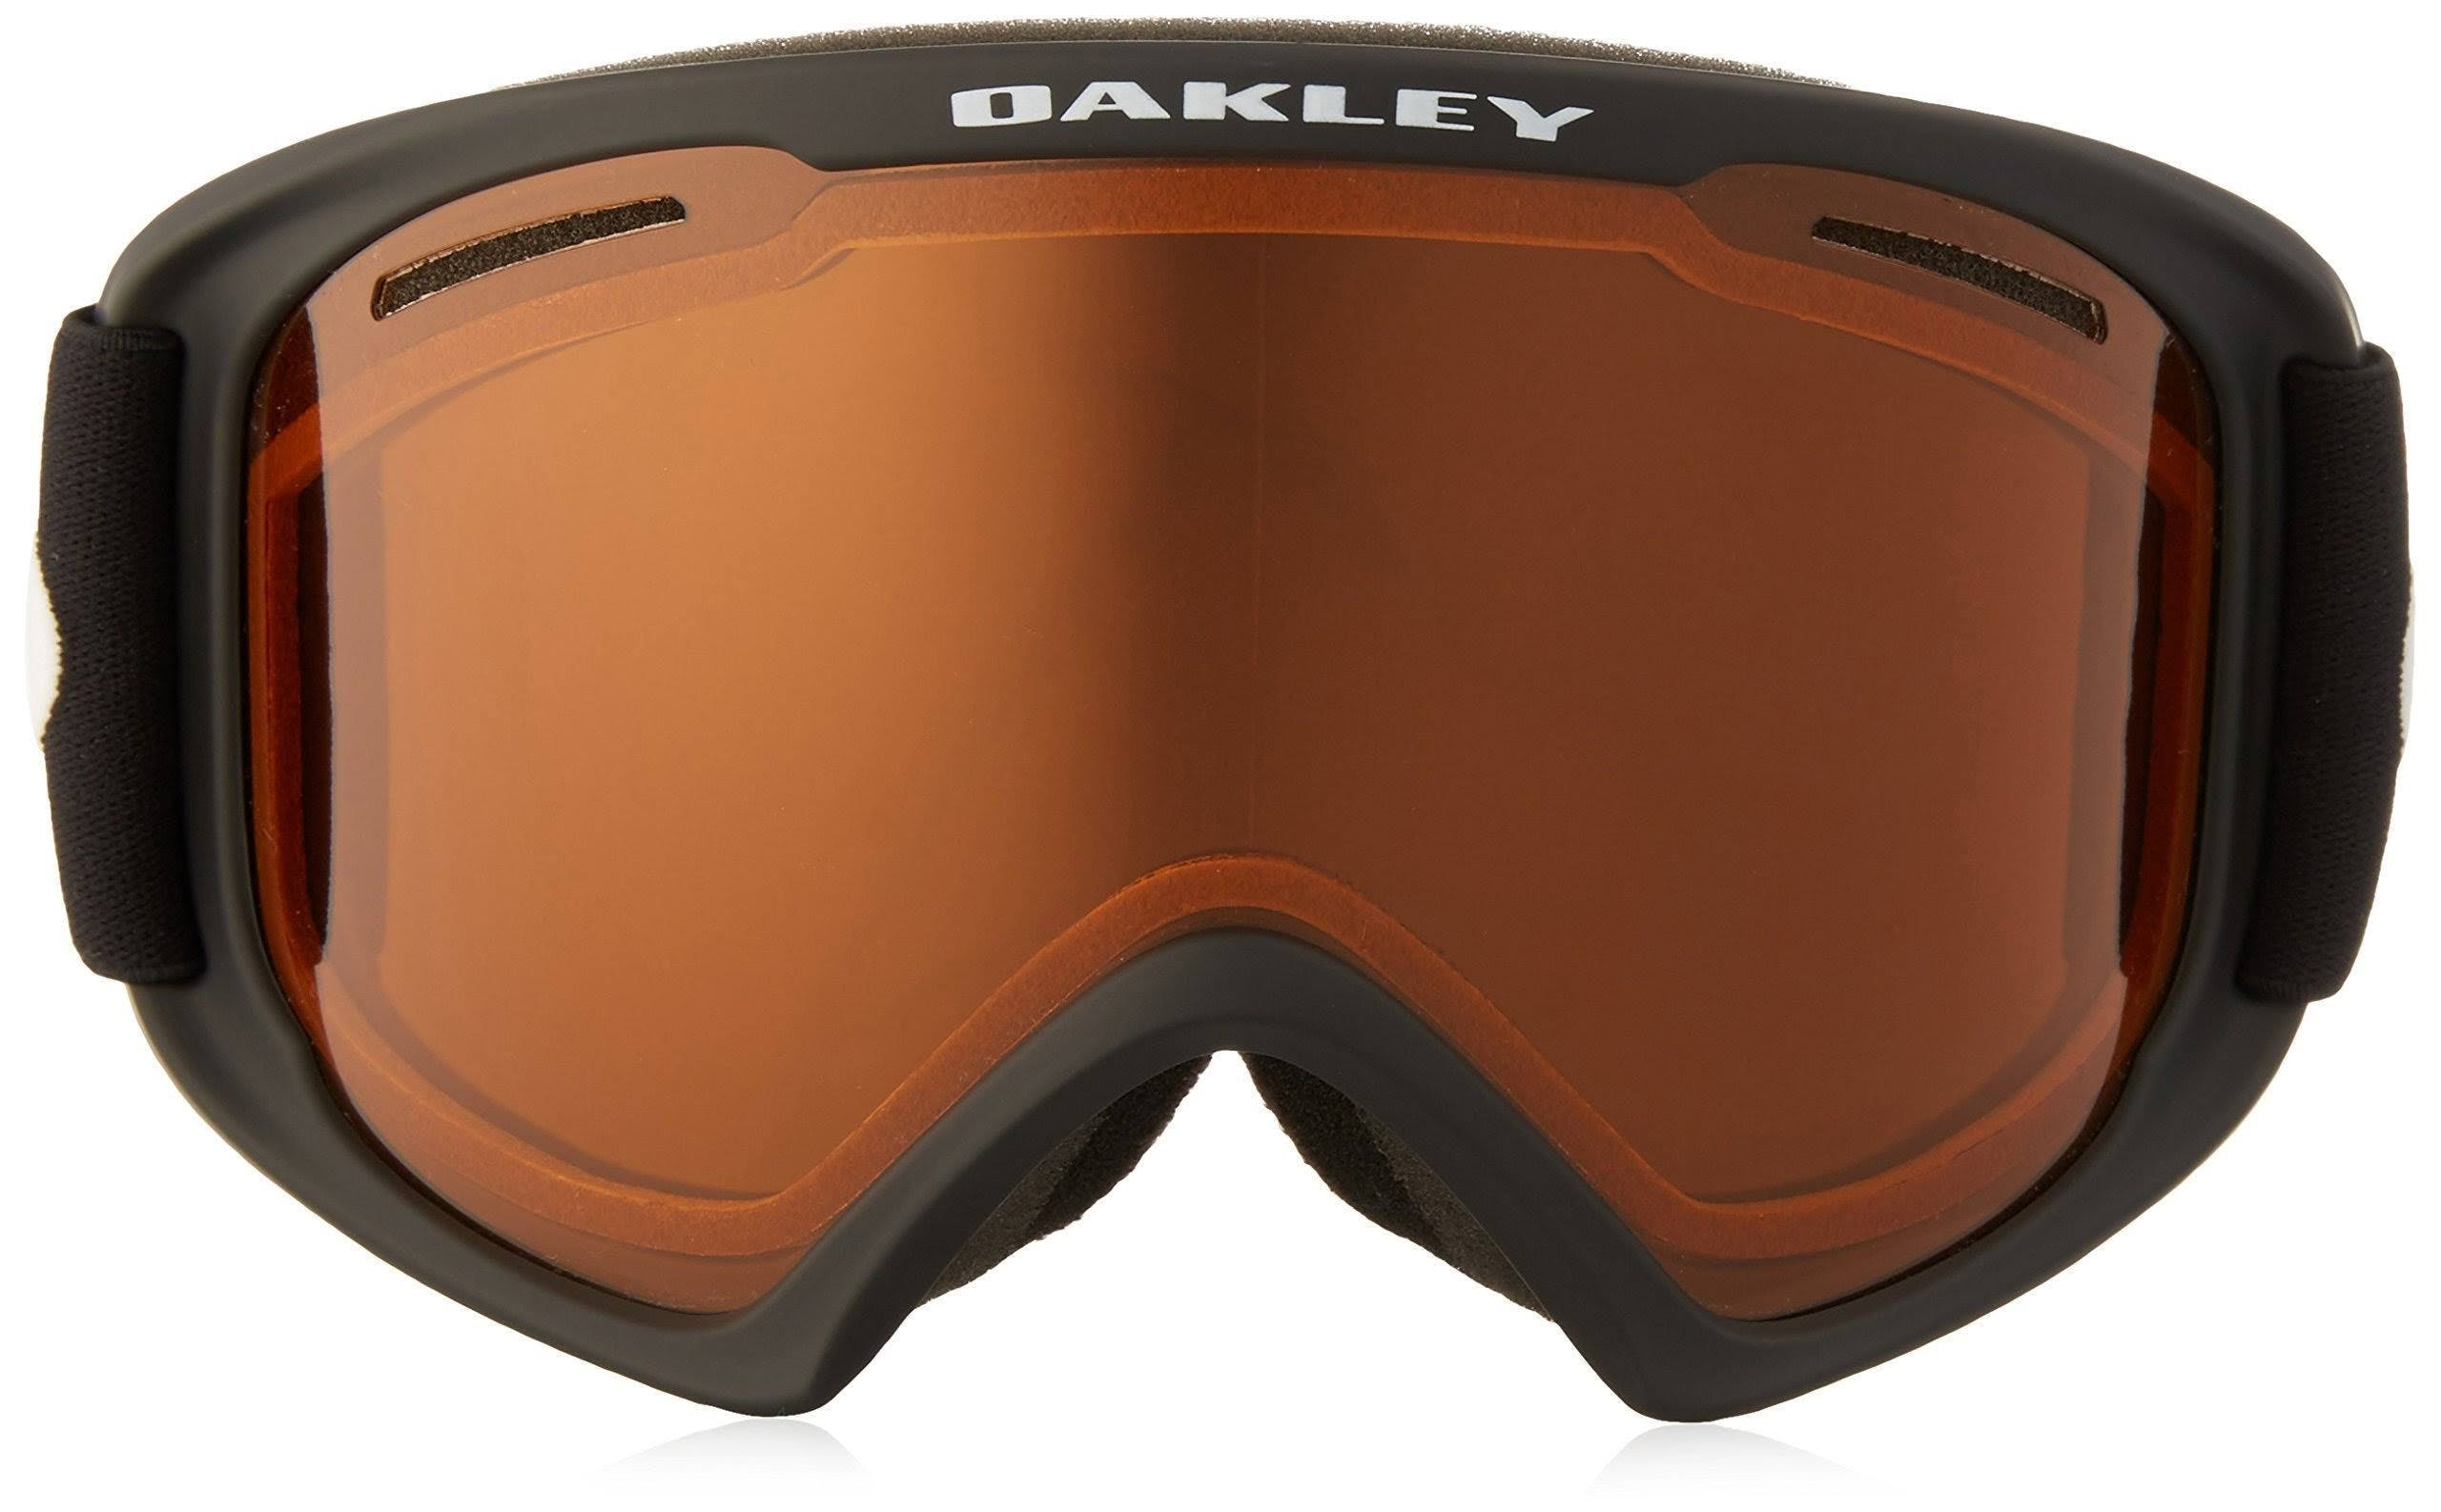 Oakley O2 XS Goggles Matte Black / Persimmon